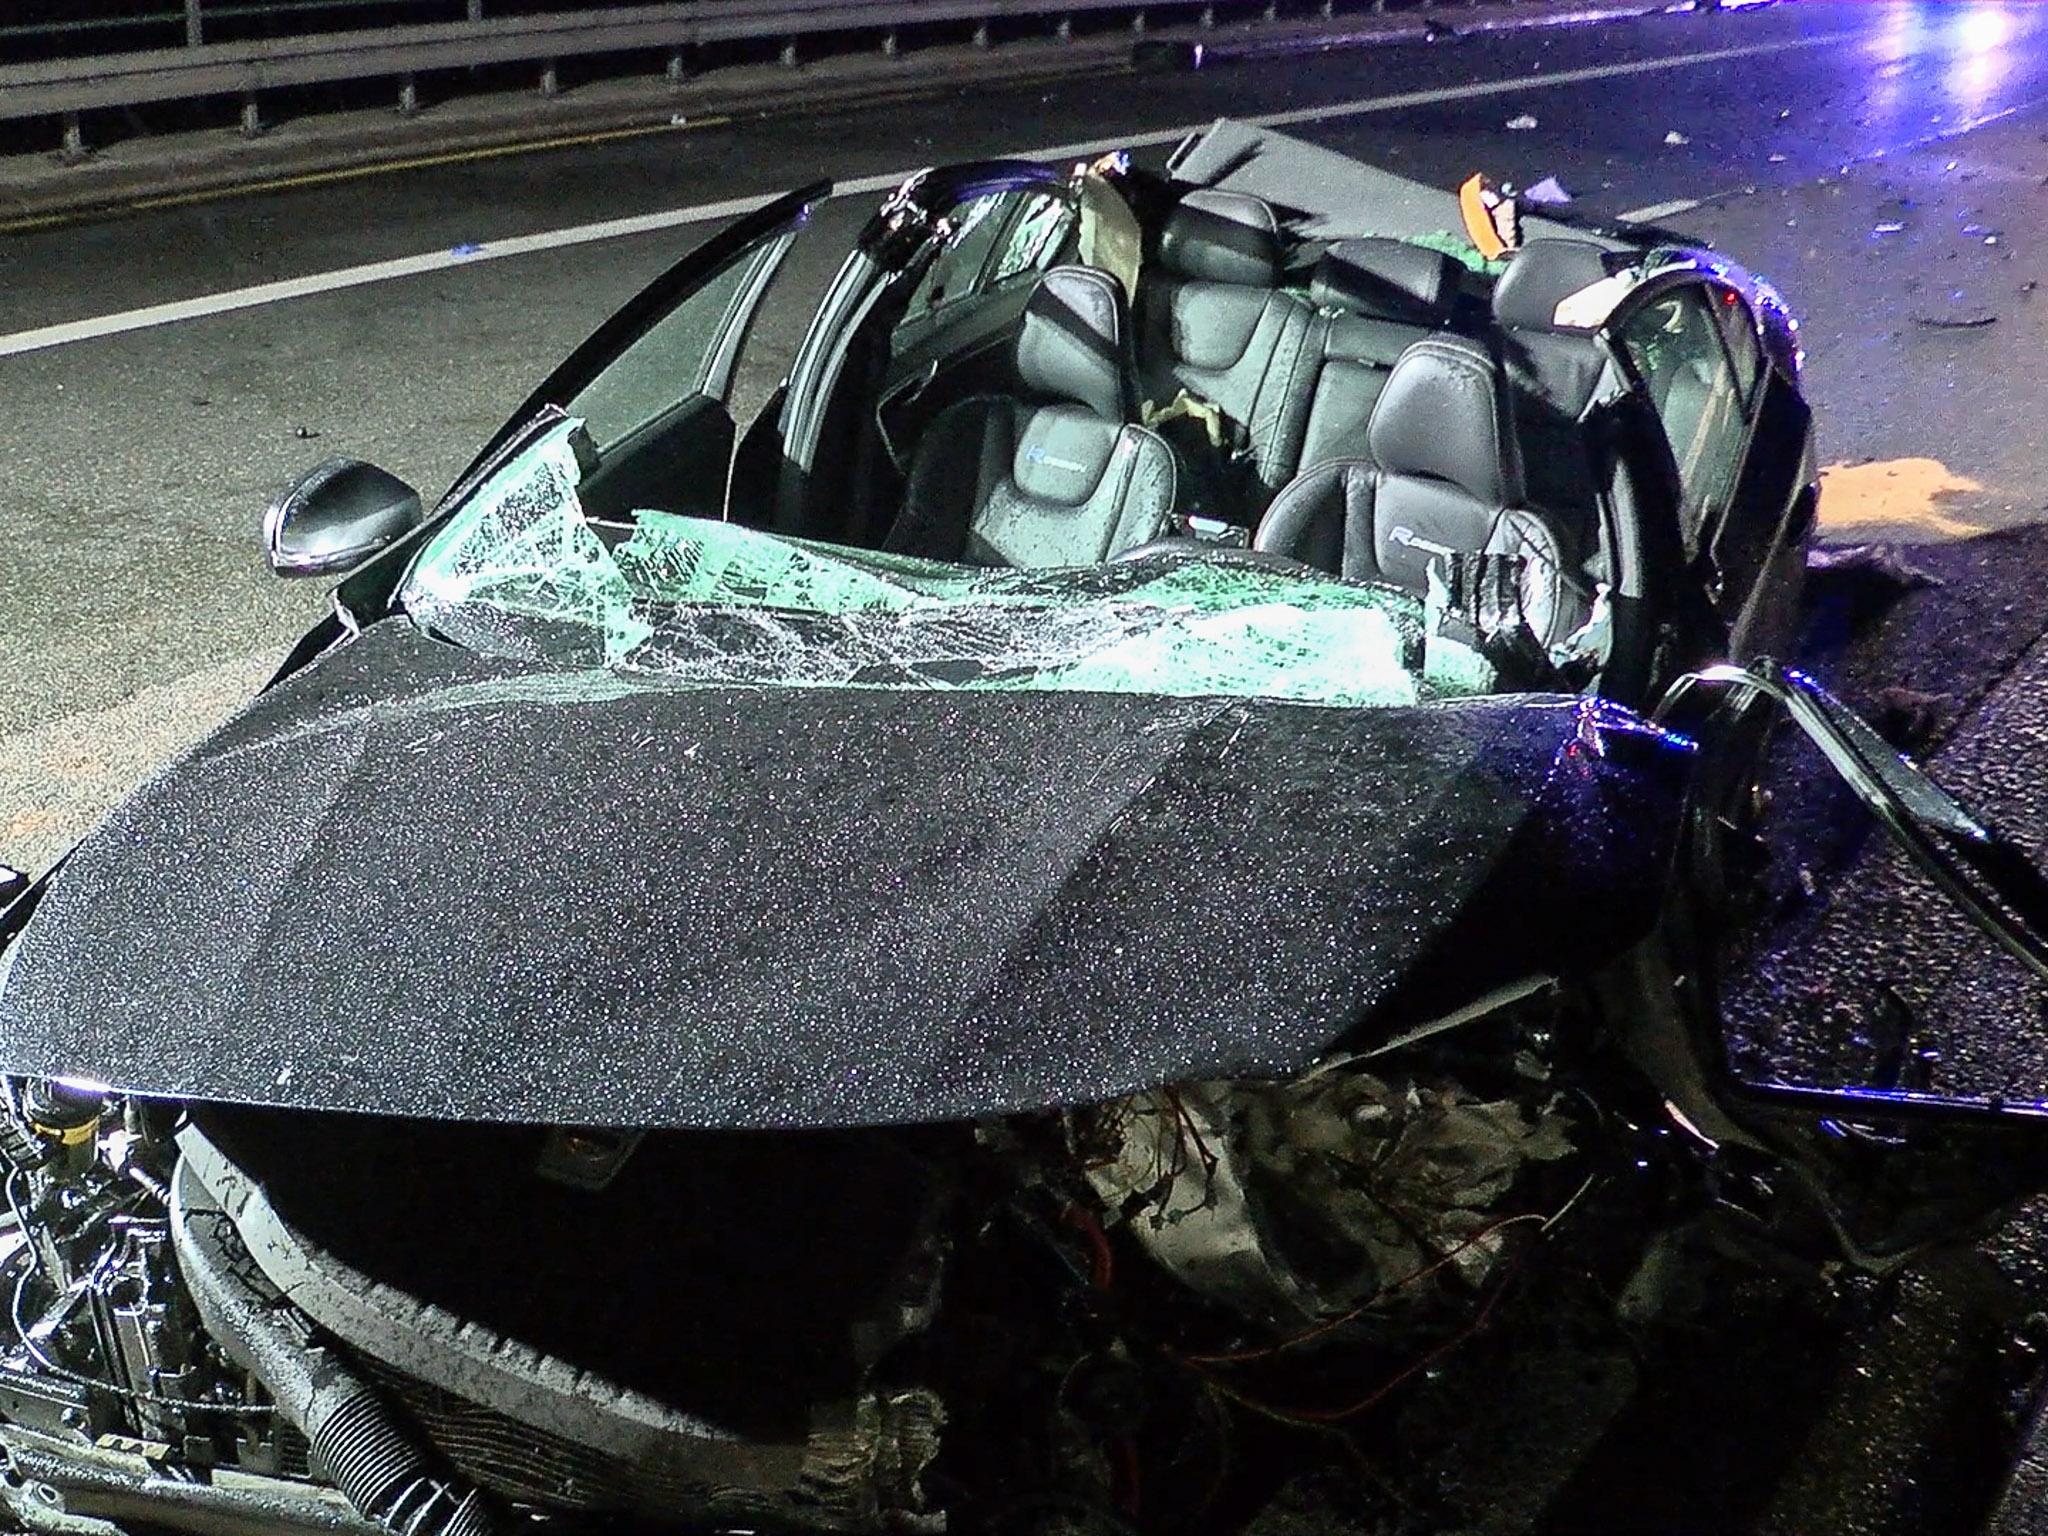 Die 25-jährige Fahrerin des Volvo war eingeklemmt und musste von der Feuerwehr zunächst befreit werden. Foto: Pascal Höfig